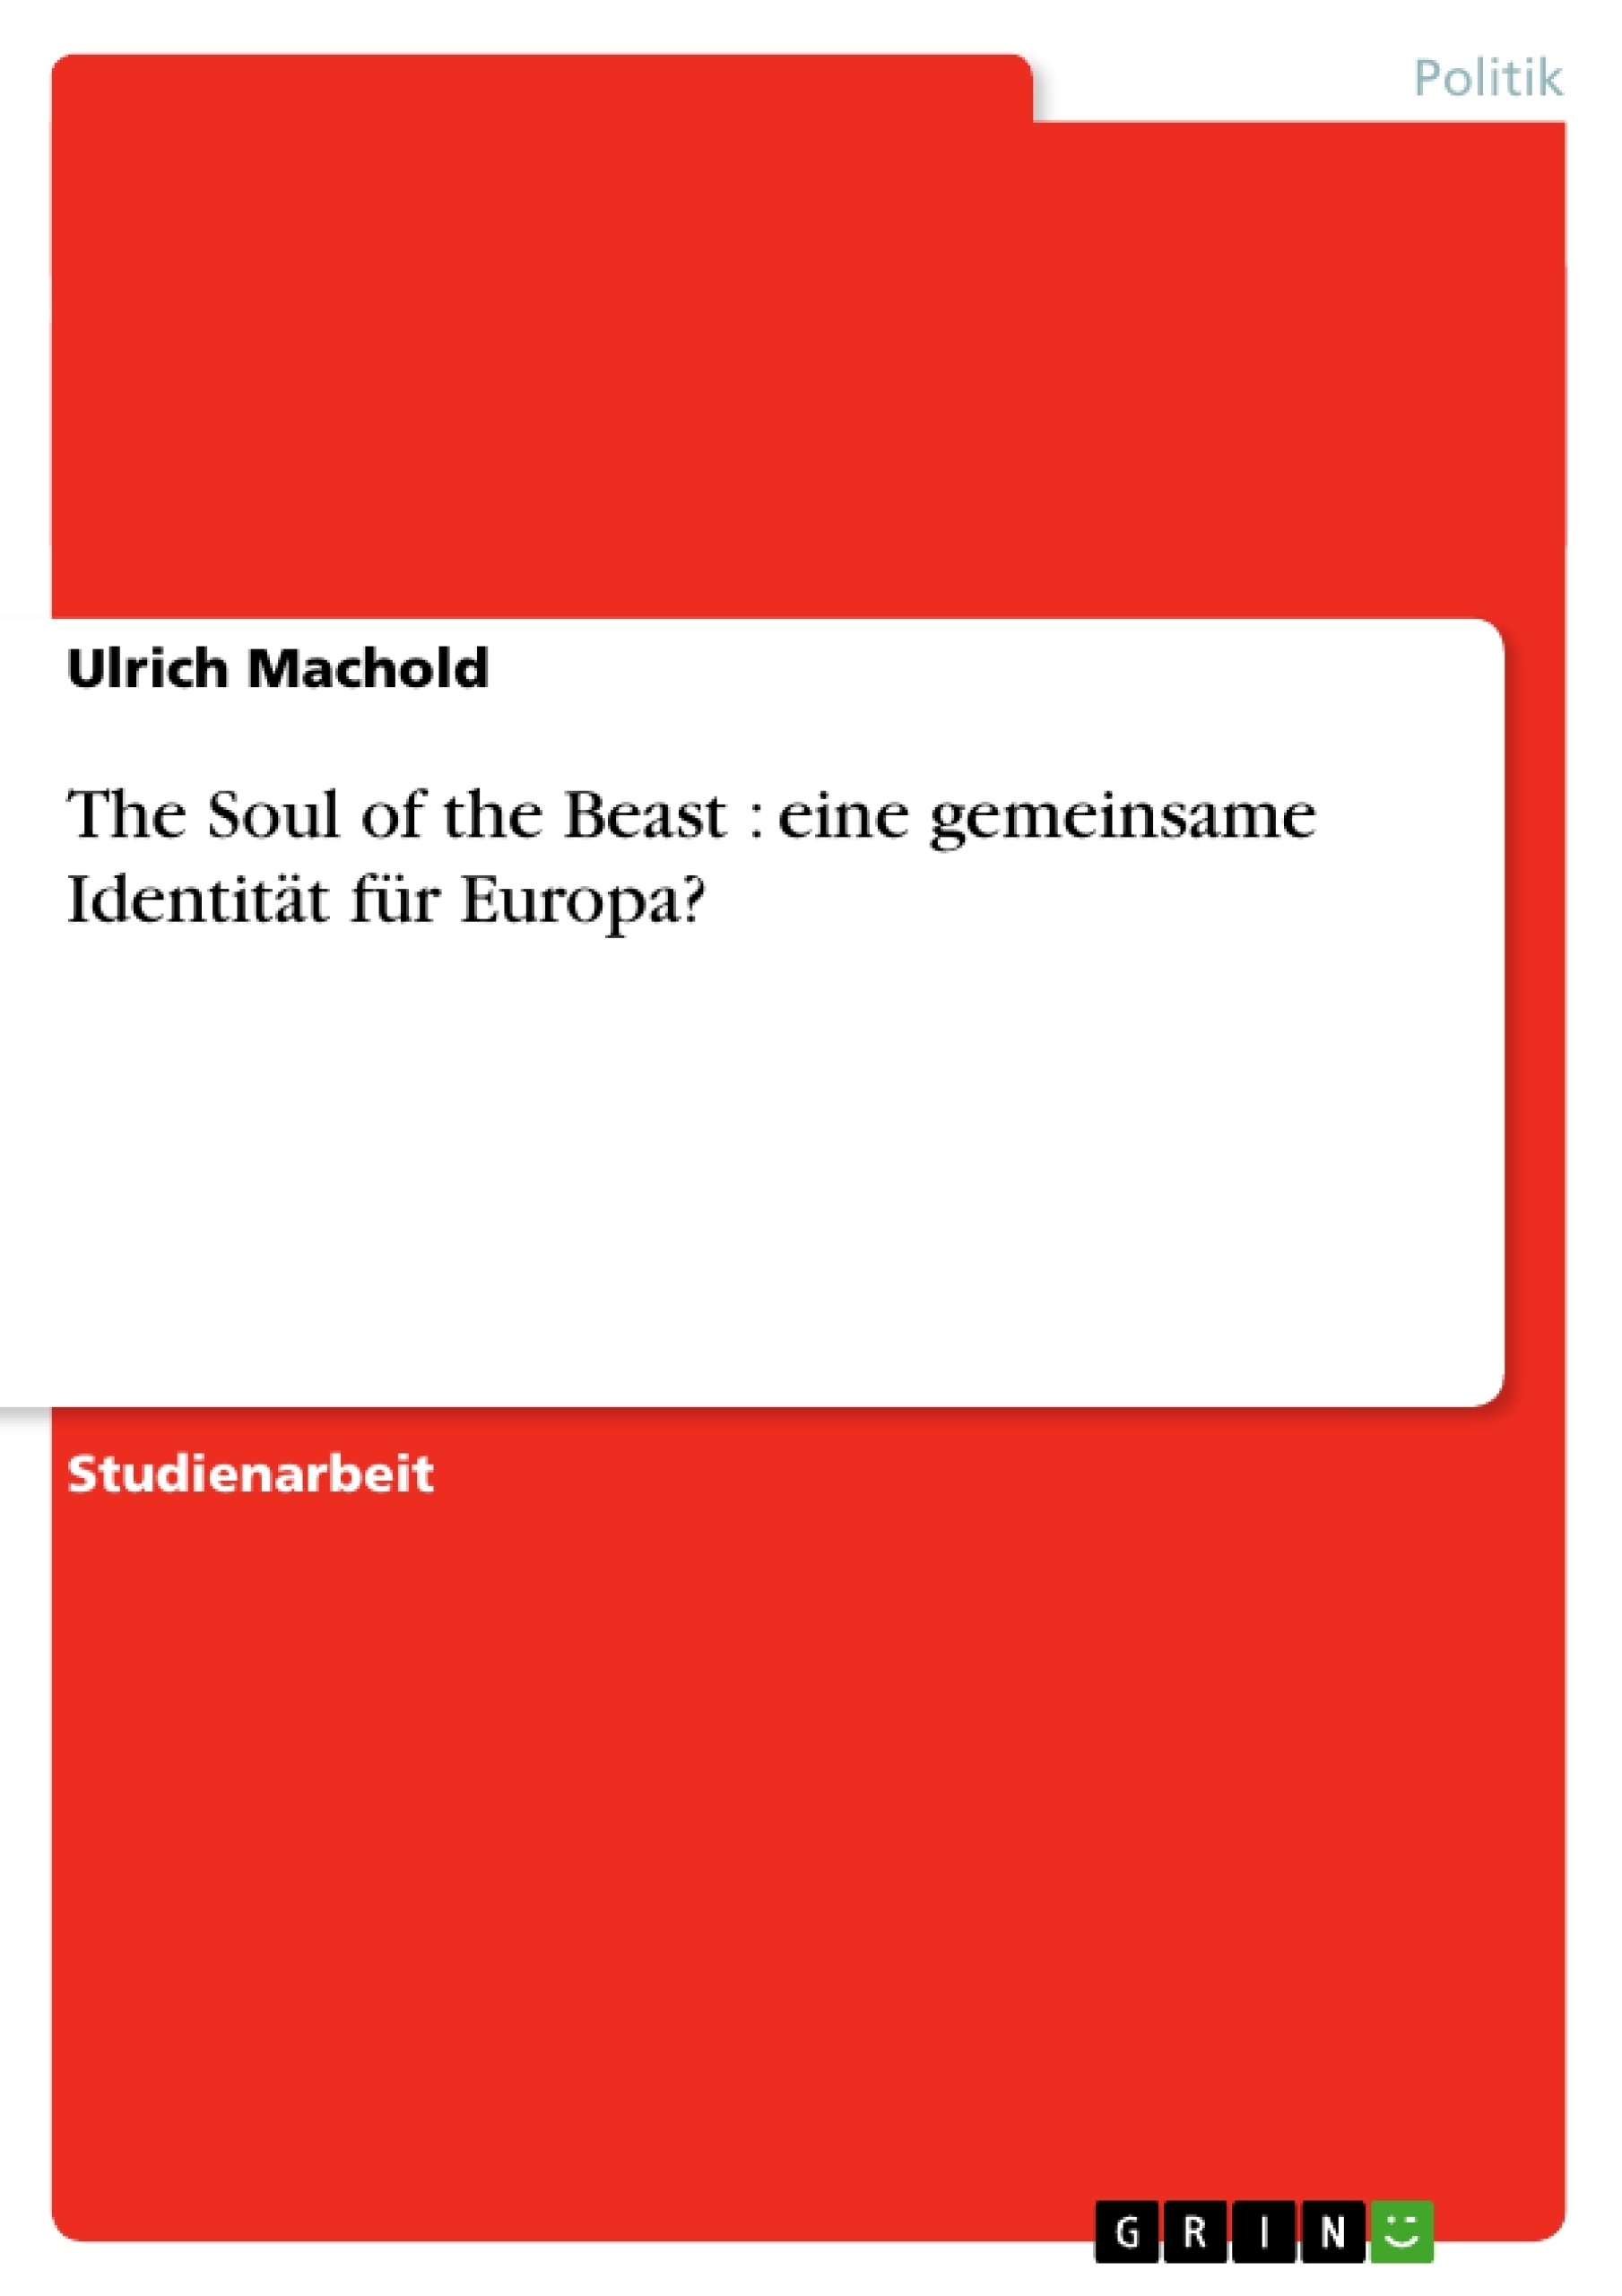 Titel: The Soul of the Beast : eine gemeinsame Identität für Europa?